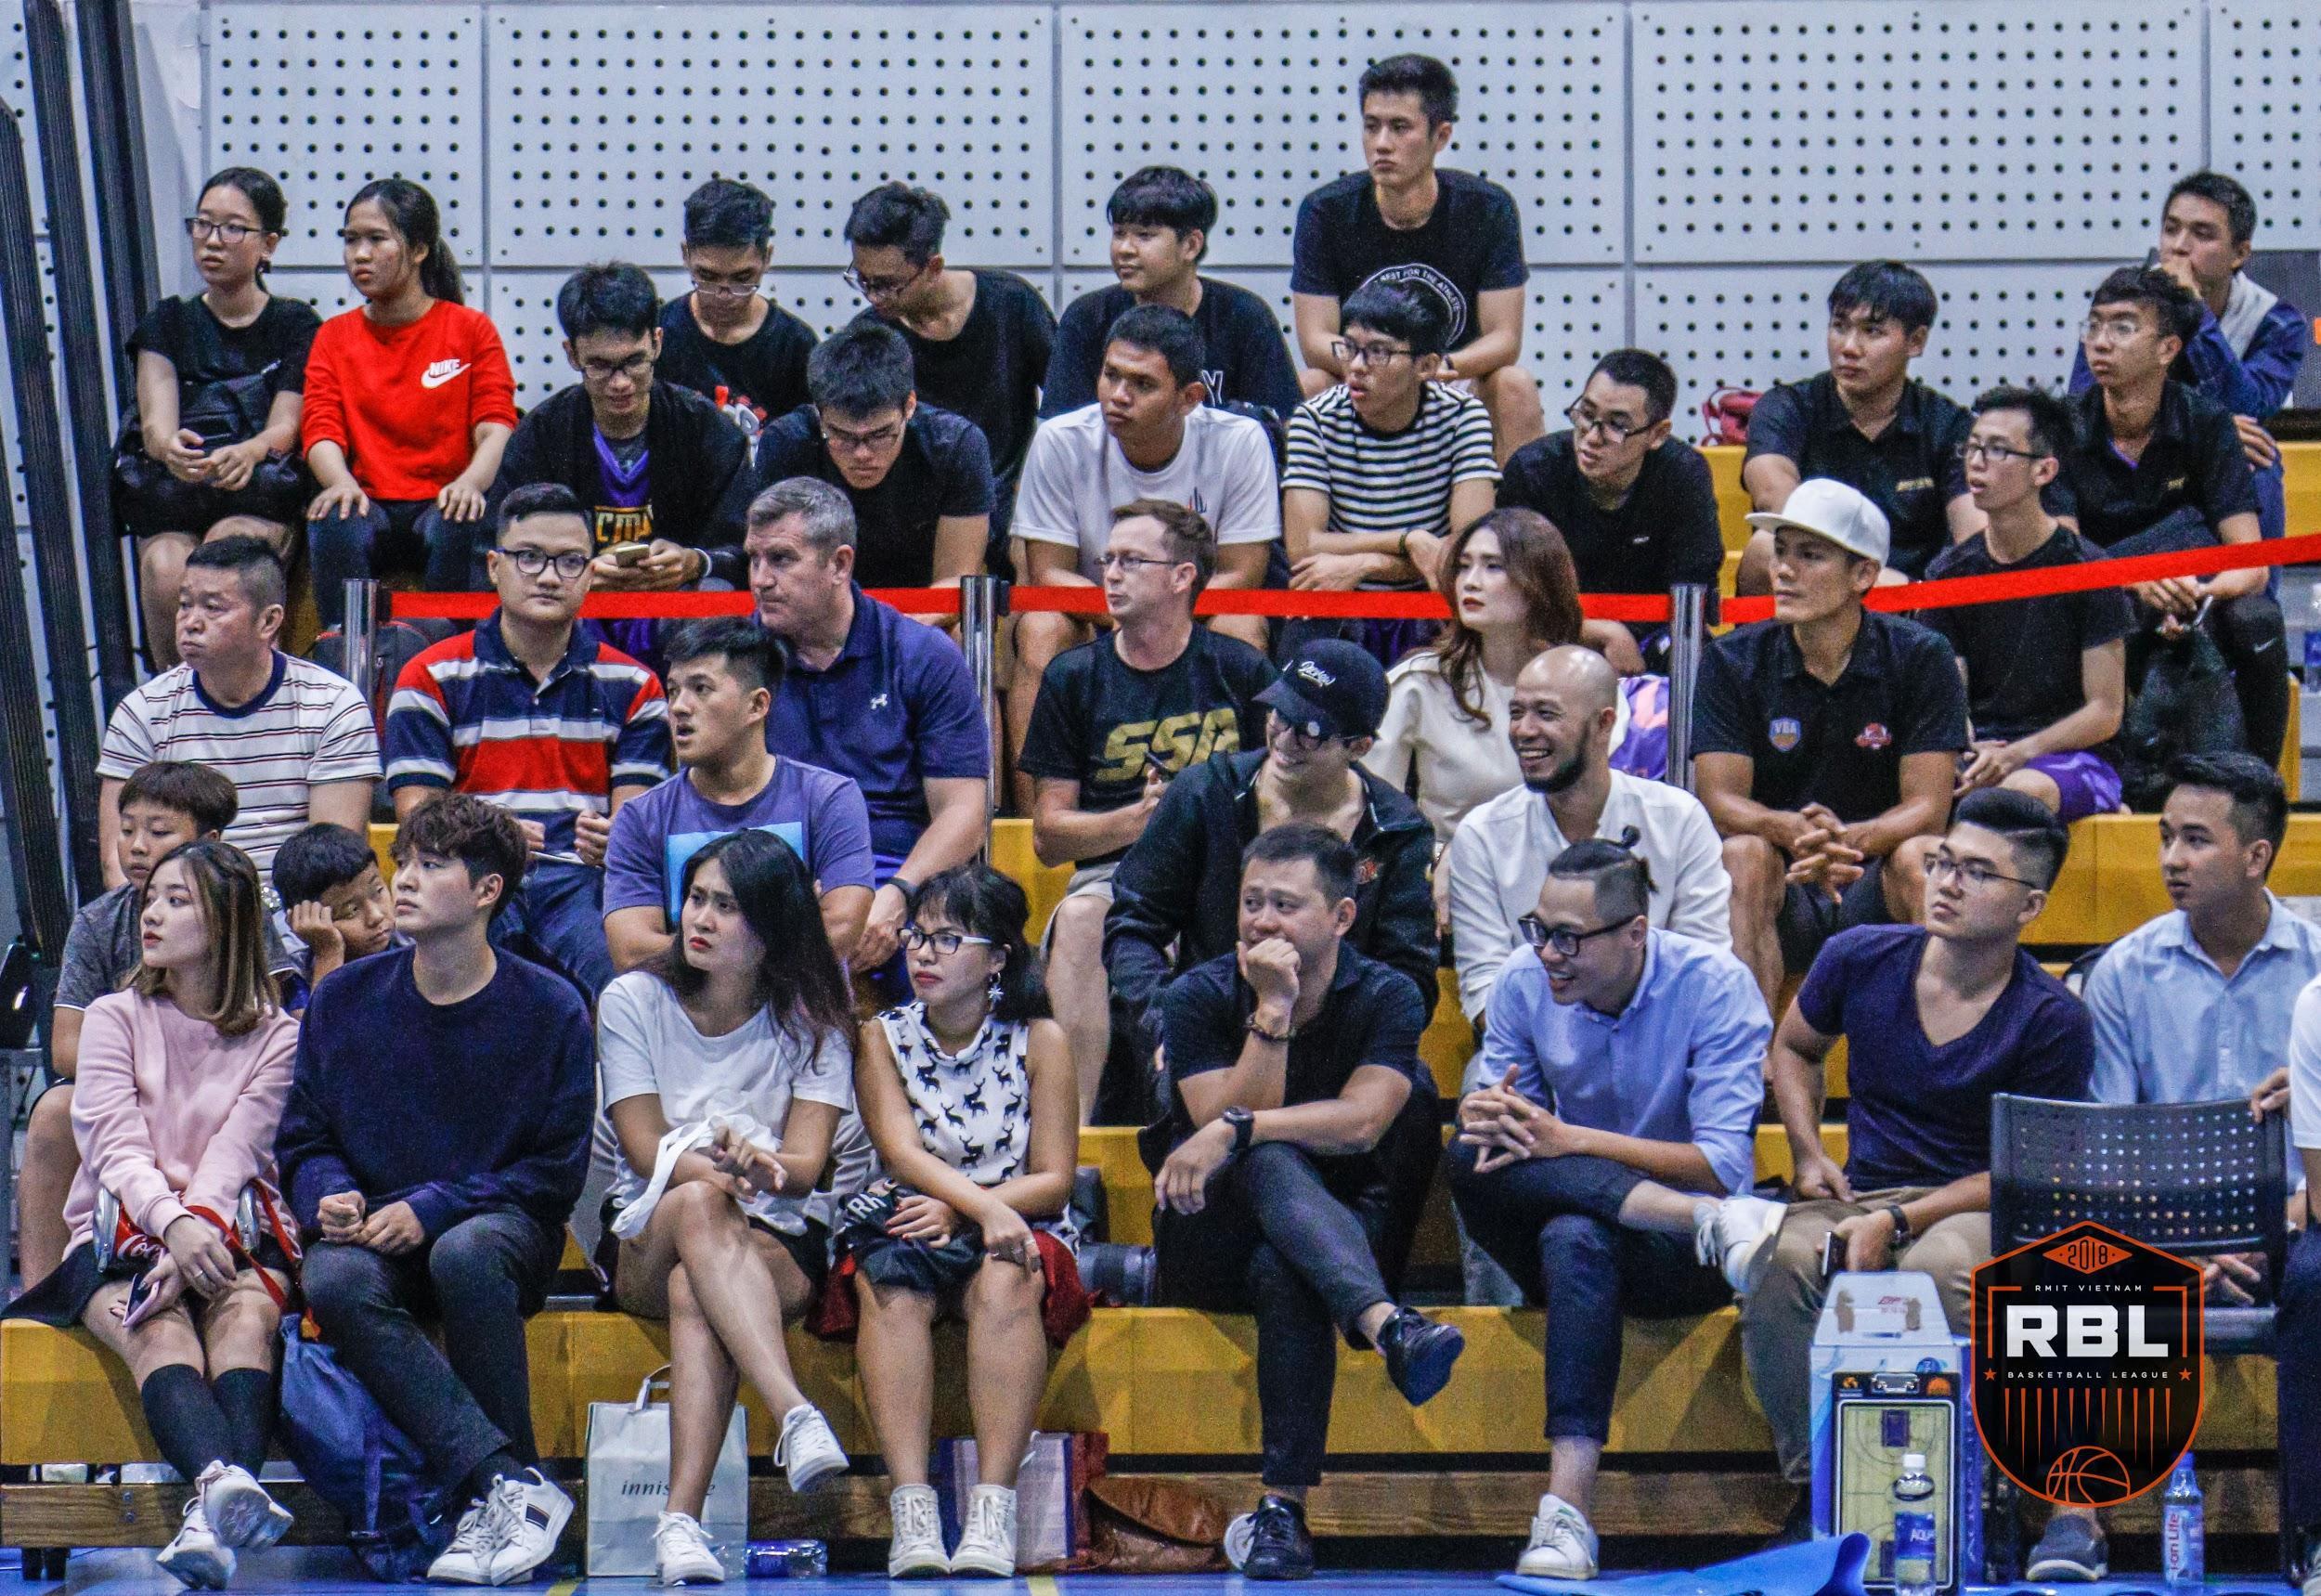 Đội chủ nhà RMIT thắng đậm tại lễ khai mạc giải bóng rổ truyền thống hàng năm - Ảnh 4.